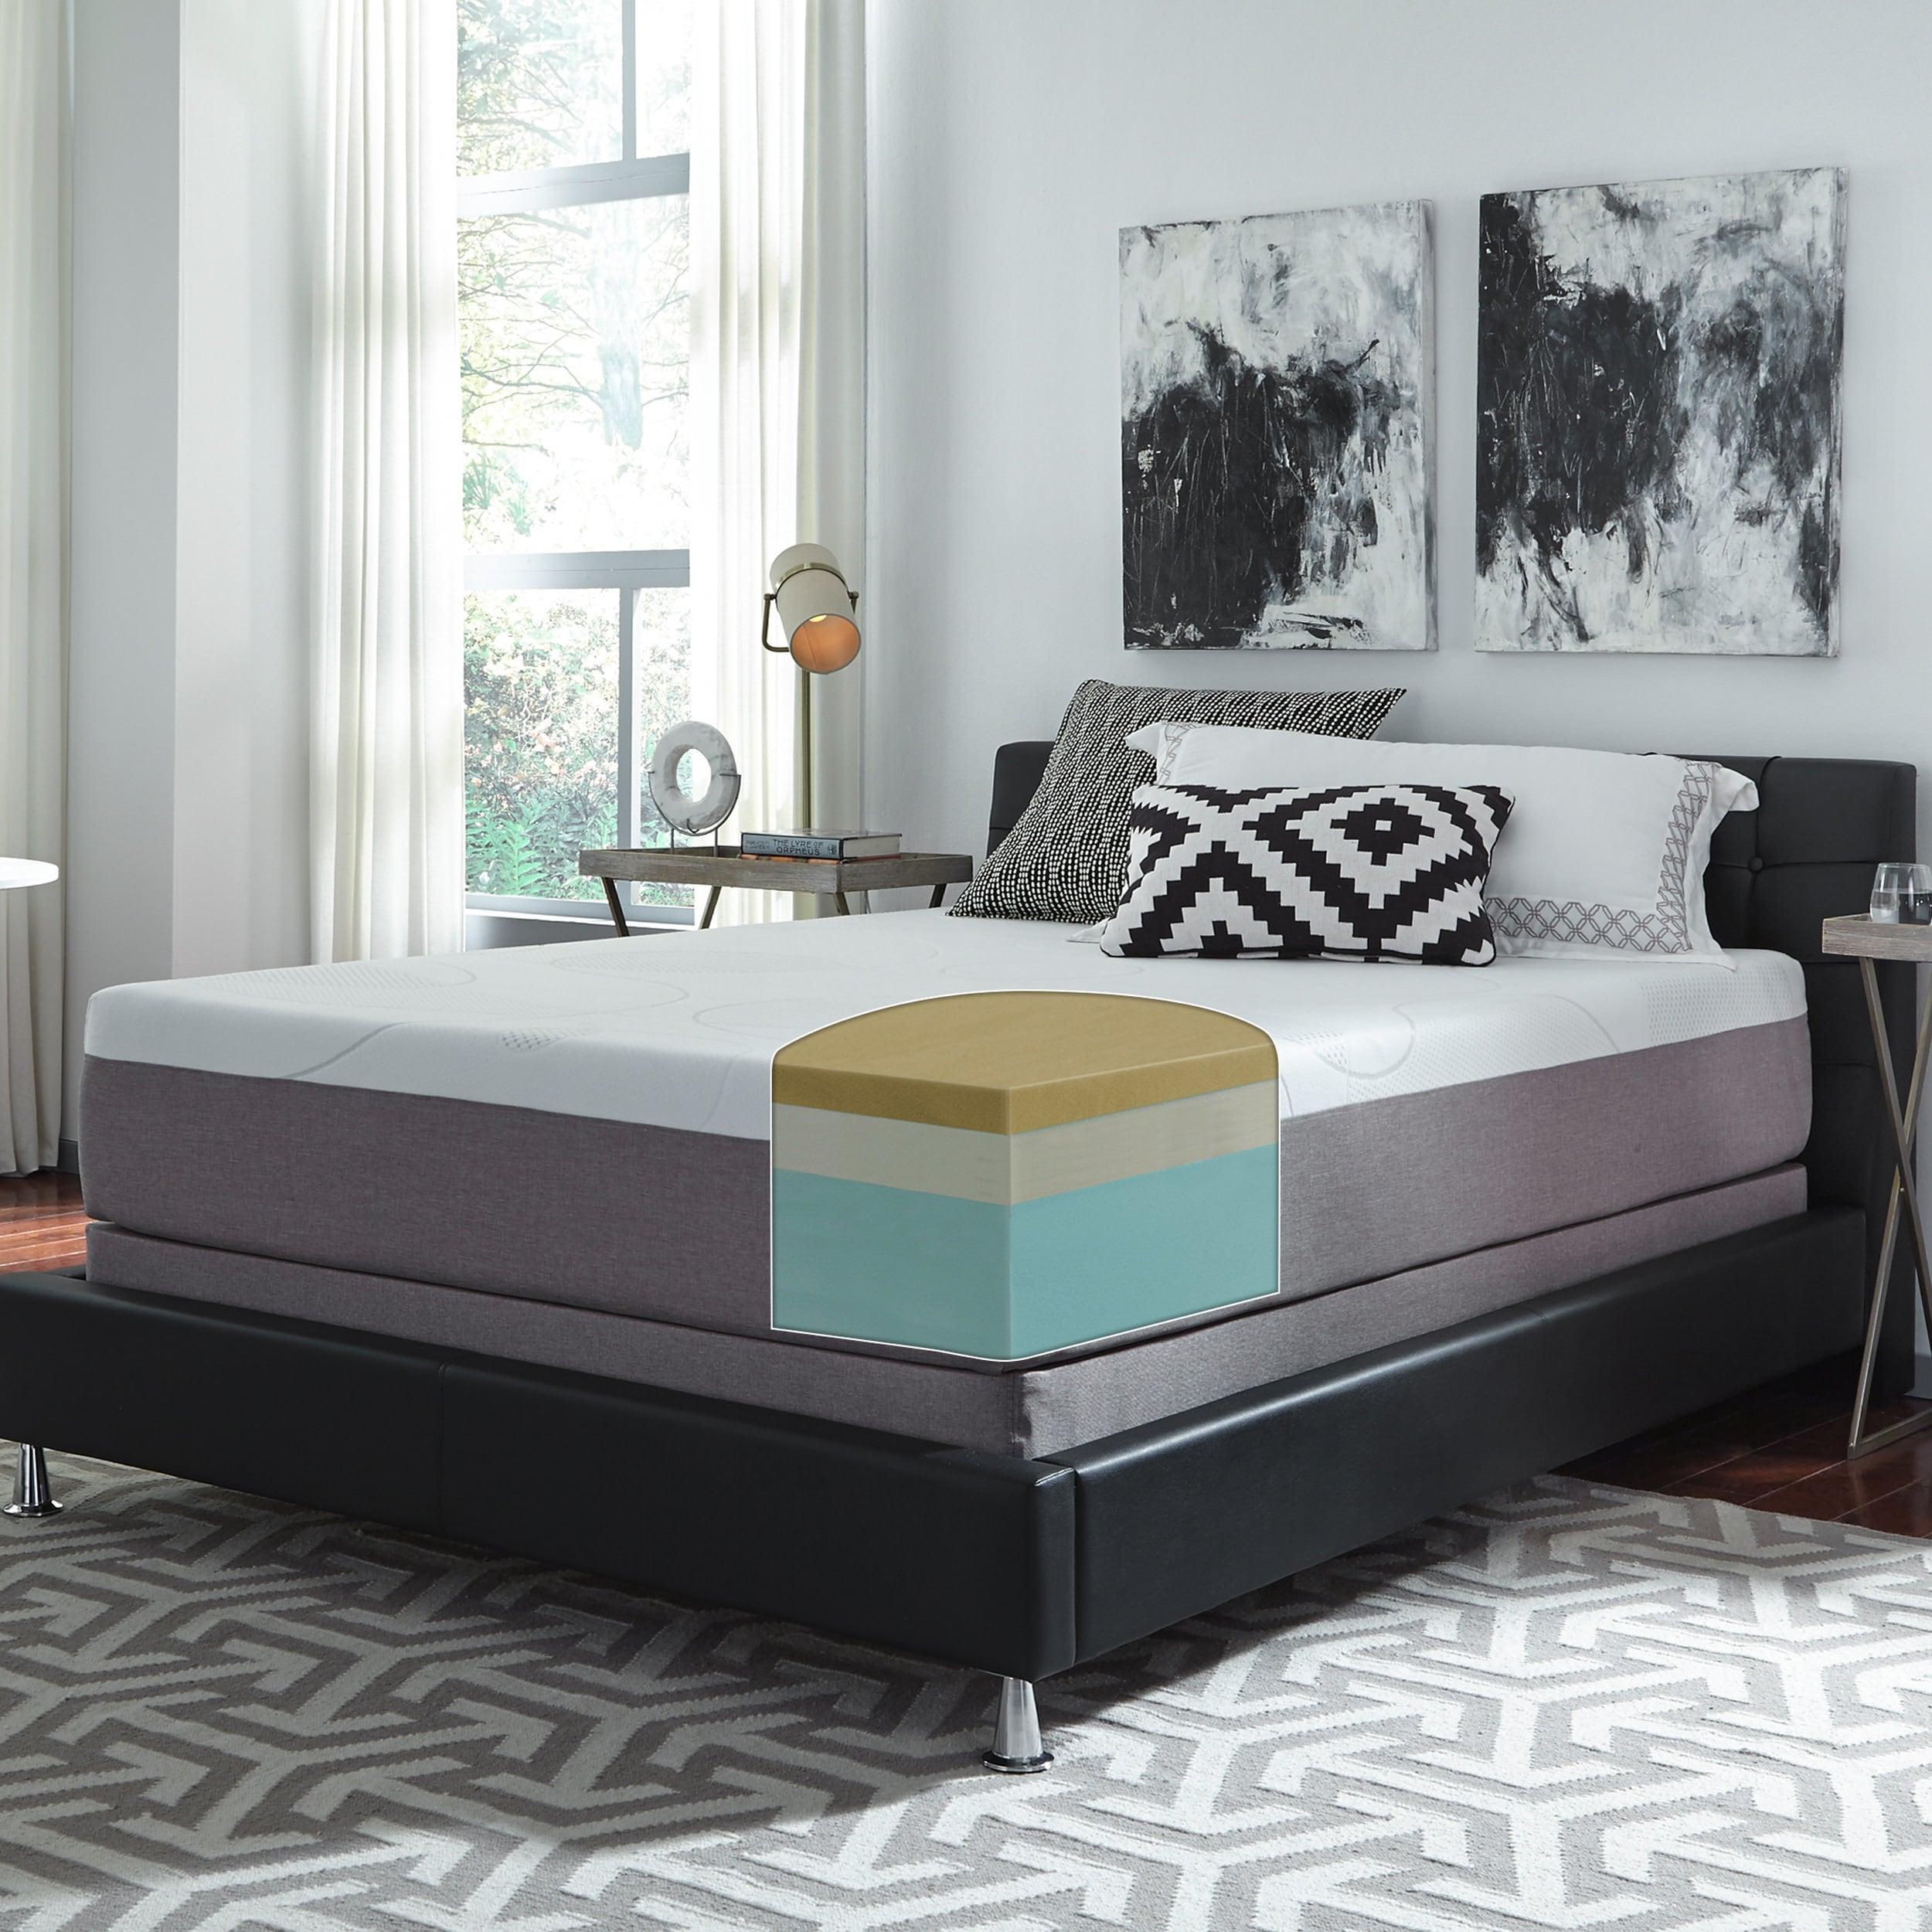 Slumber Solutions Choose Your fort 12 inch Queen Memory Foam